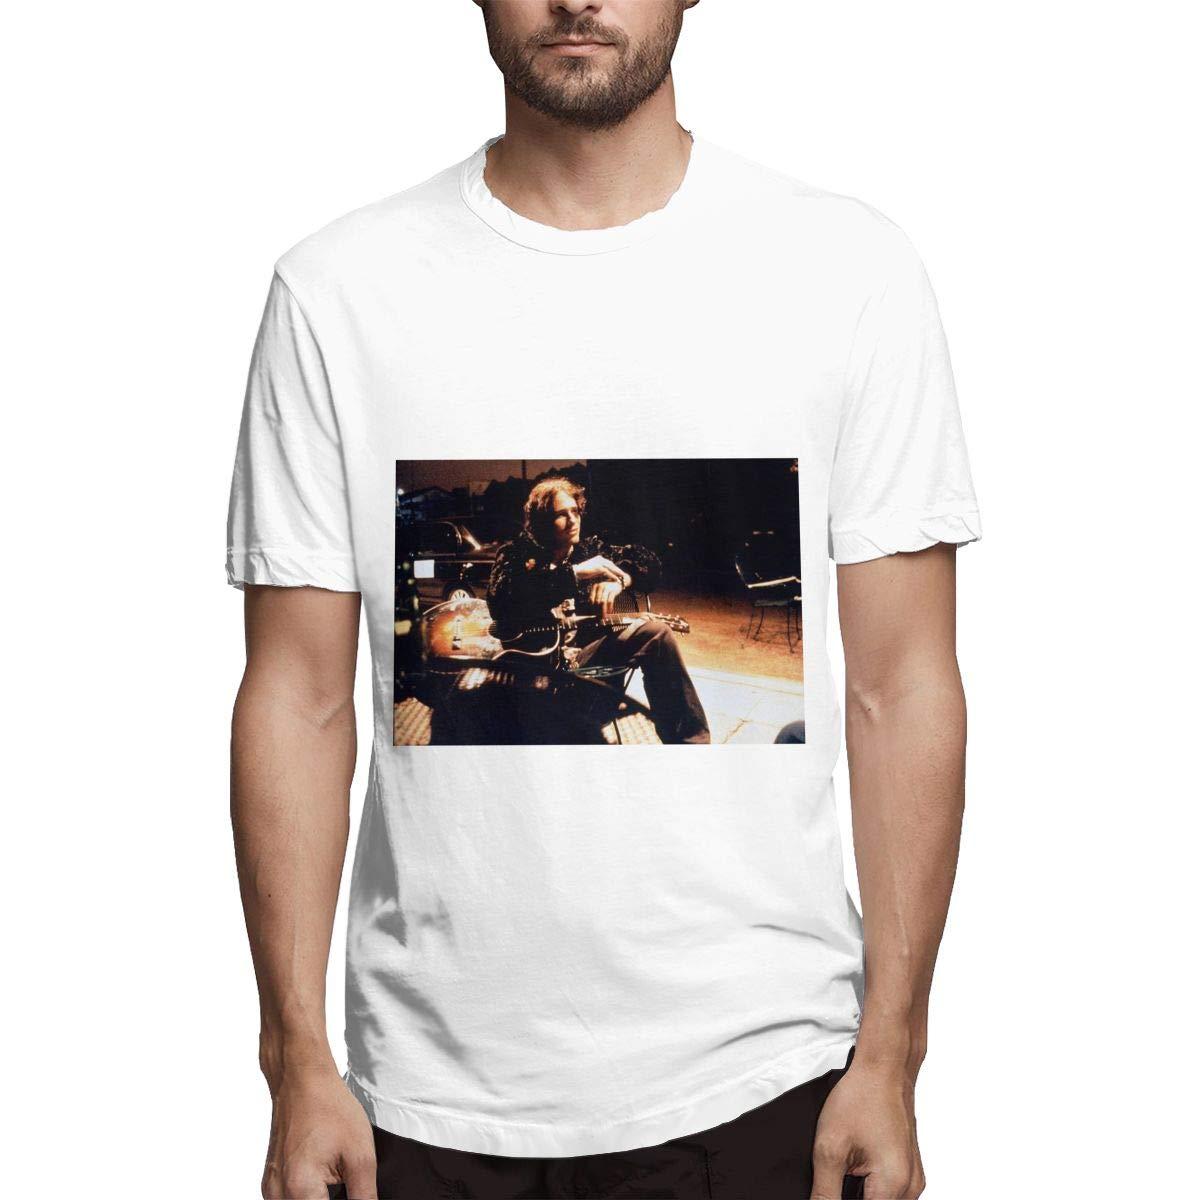 Lihehen Mans Jeff Buckley Fashion Leisure Round Neck T Shirts